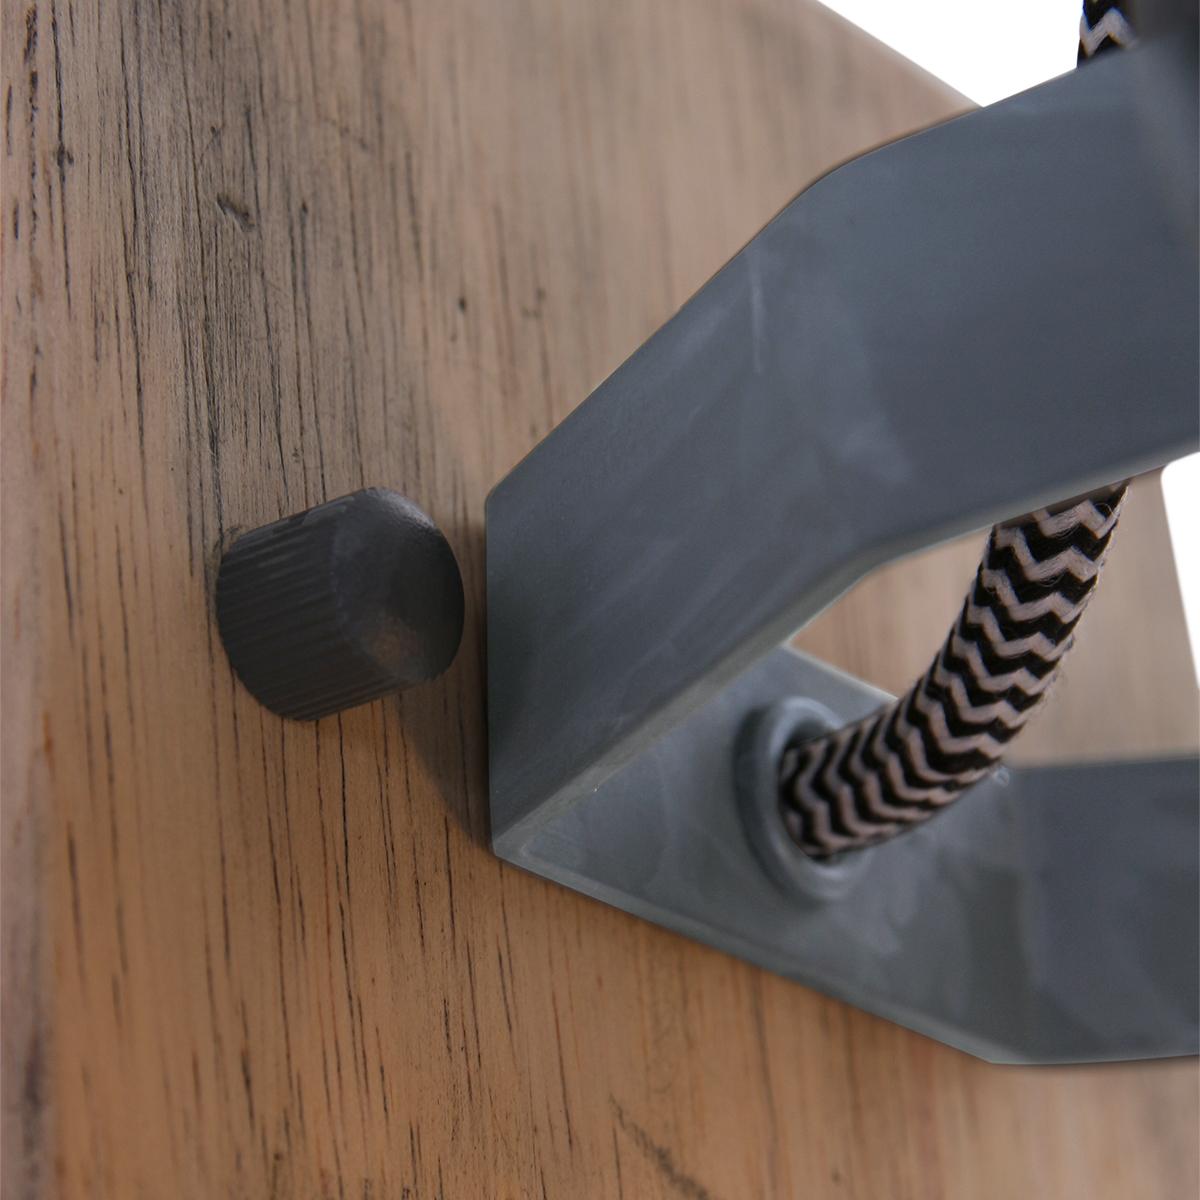 Rustikale Wandleuchte Anne Geurnesey Holz mit Metallelemente in weiß